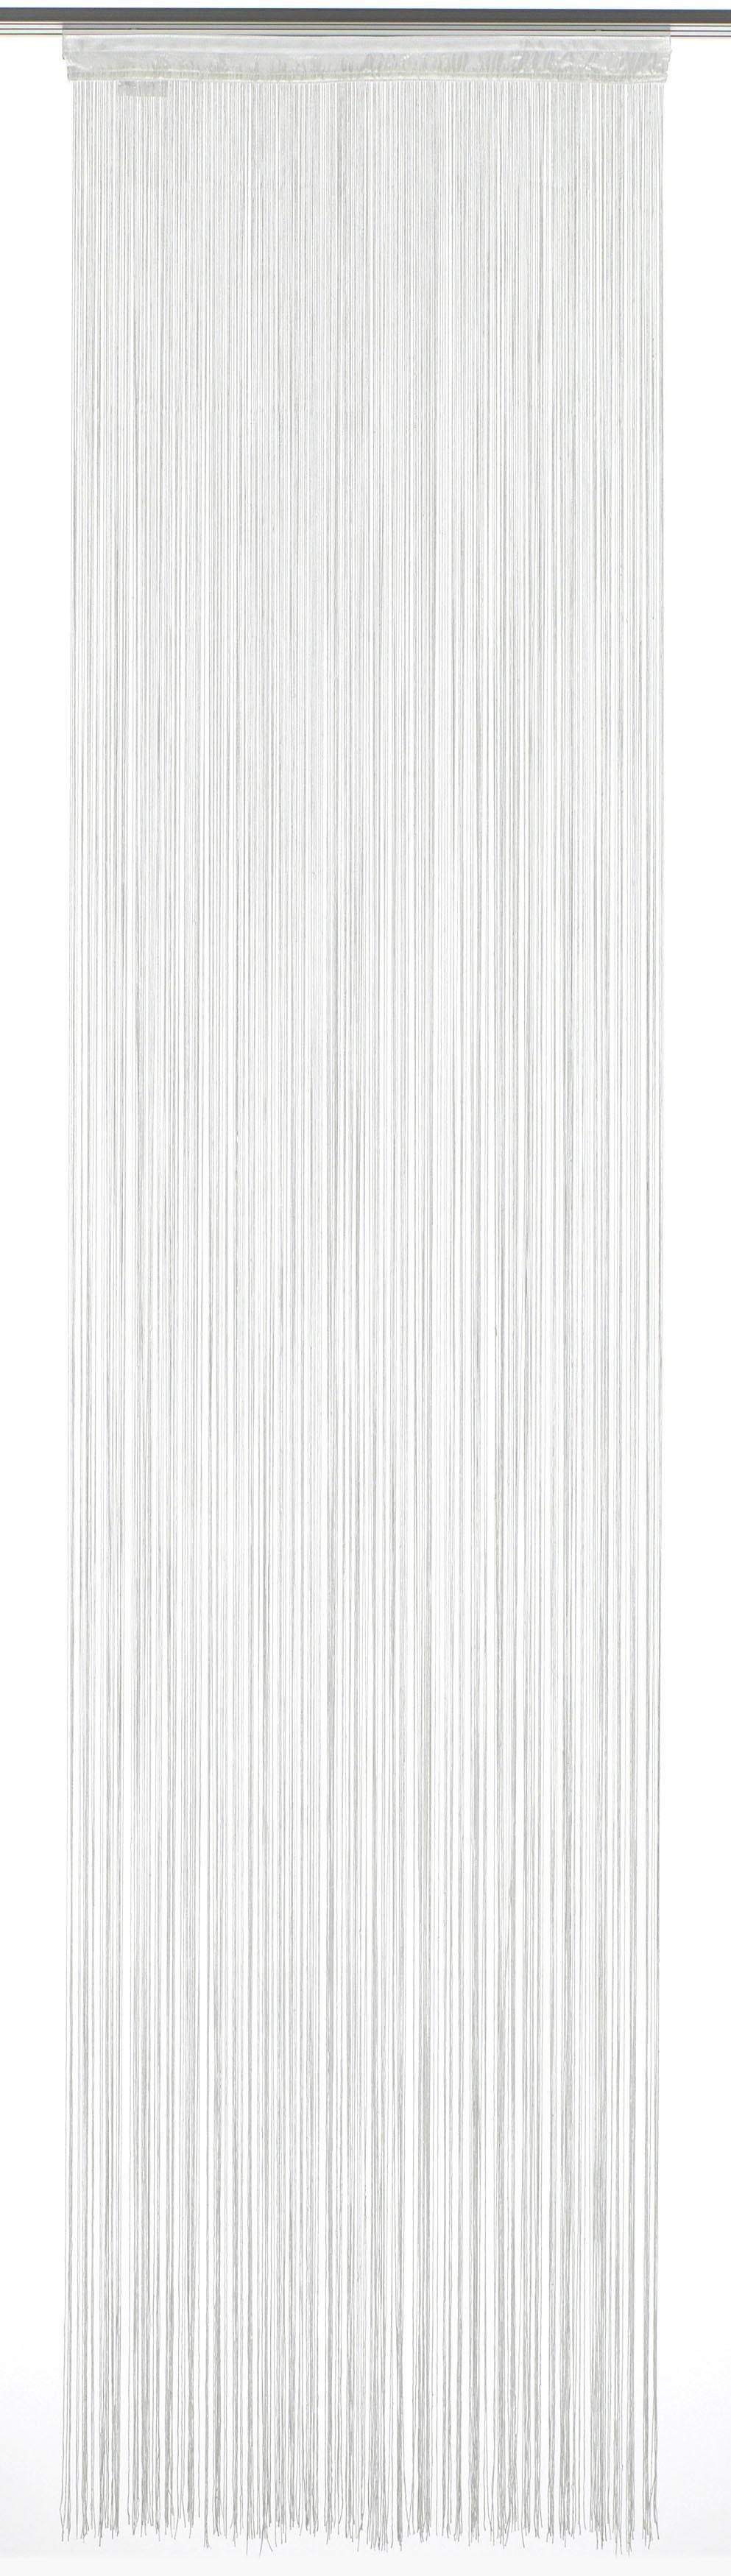 GARDINIA Paneelgordijn stof draadstore HxB: 245x60 (1 stuk) bestellen: 30 dagen bedenktijd